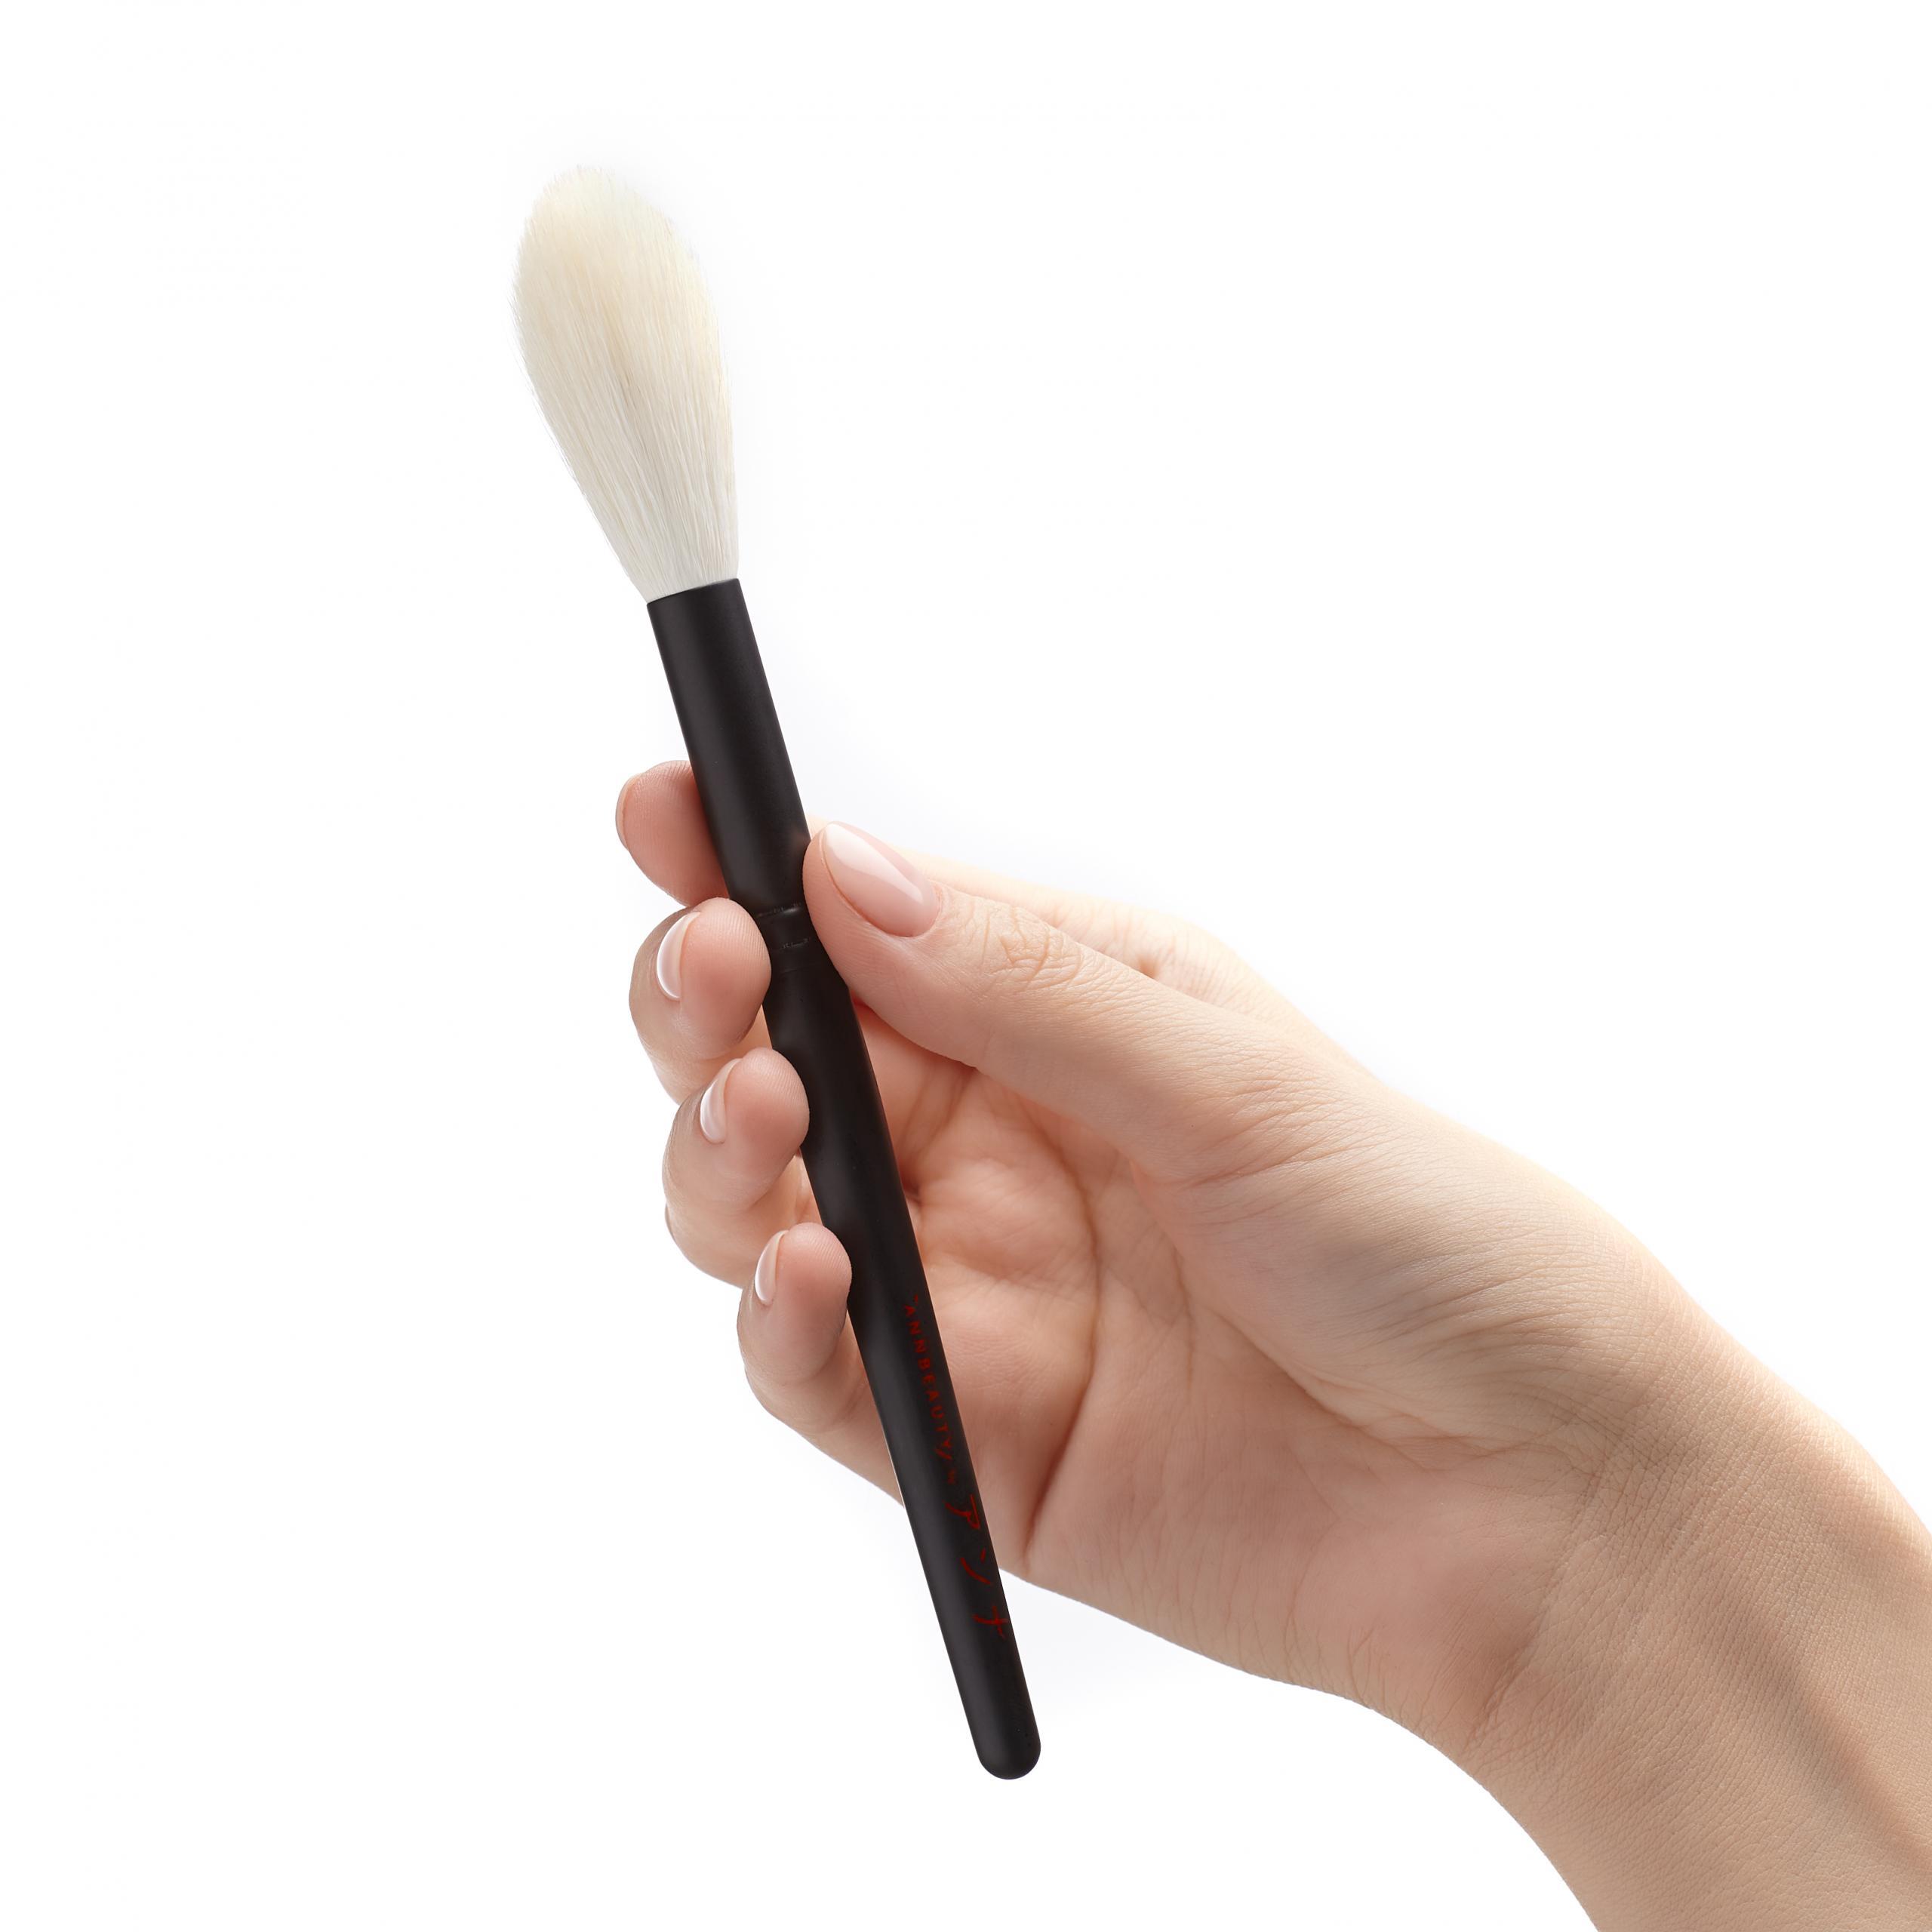 Кисть для сухого скульптурирования Annbeauty S4 в руке